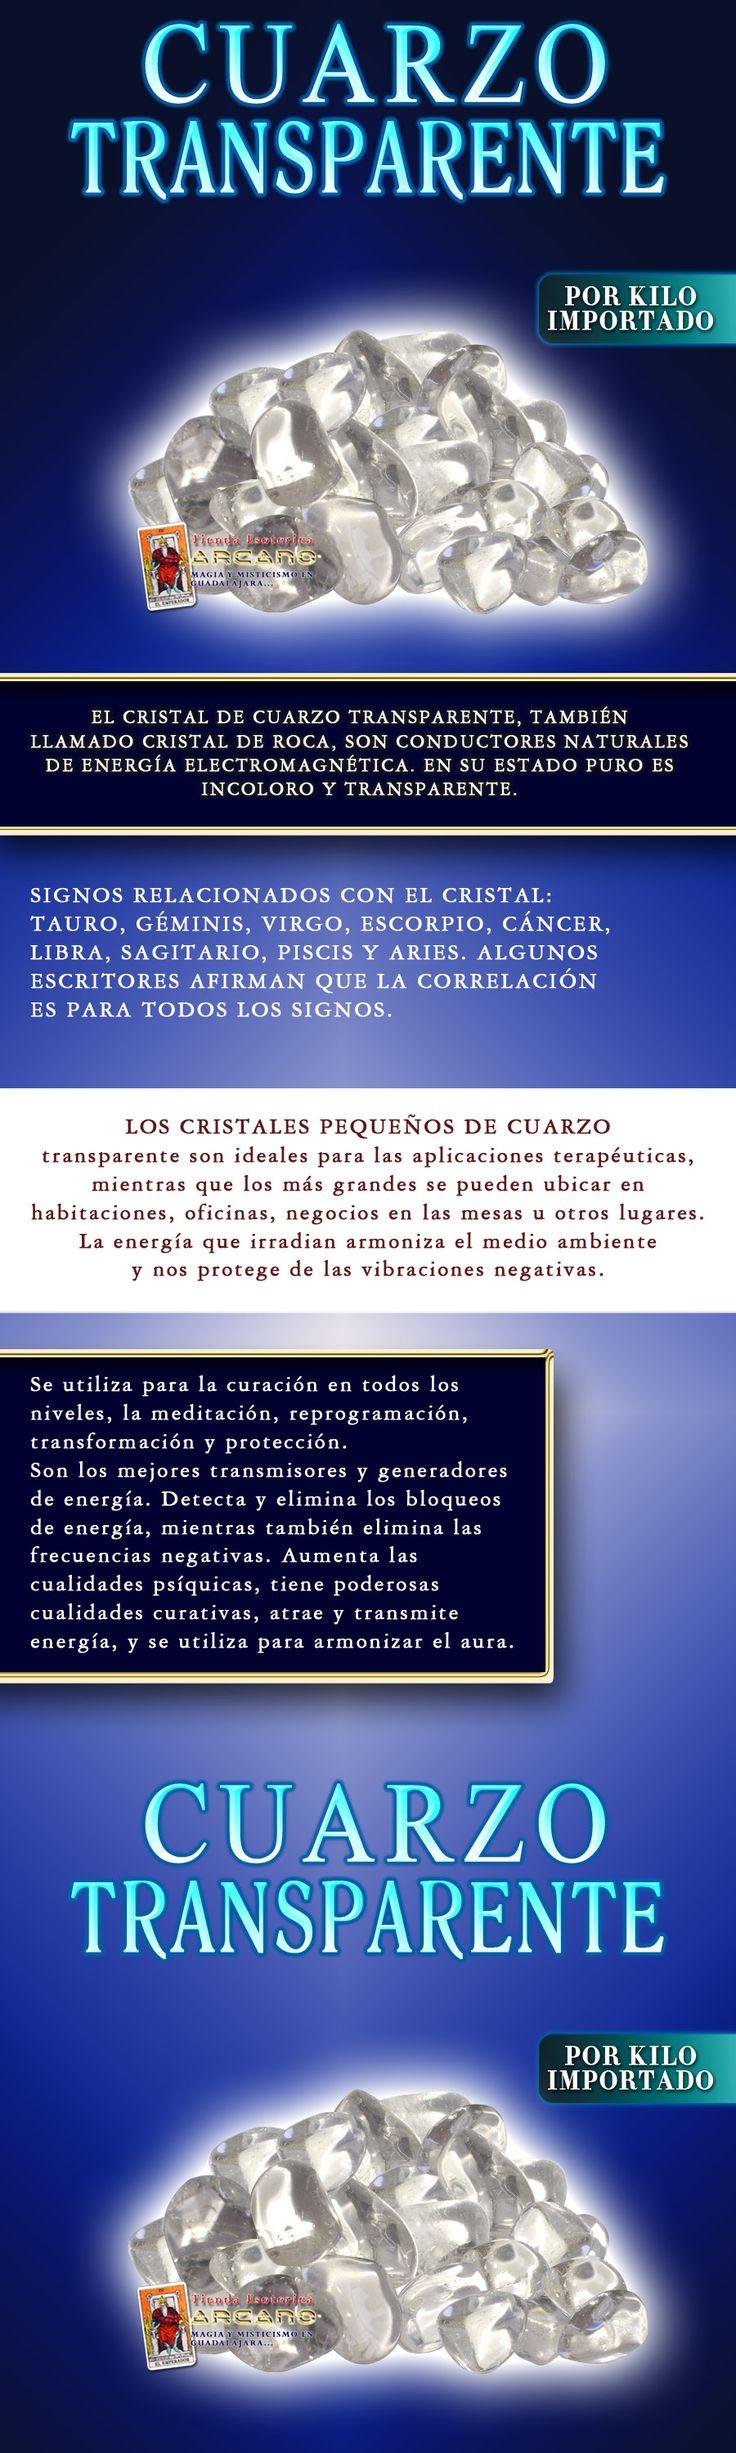 Cuarzo Transparente - Por Kilo Importado - $ 240.00 en Mercado Libre